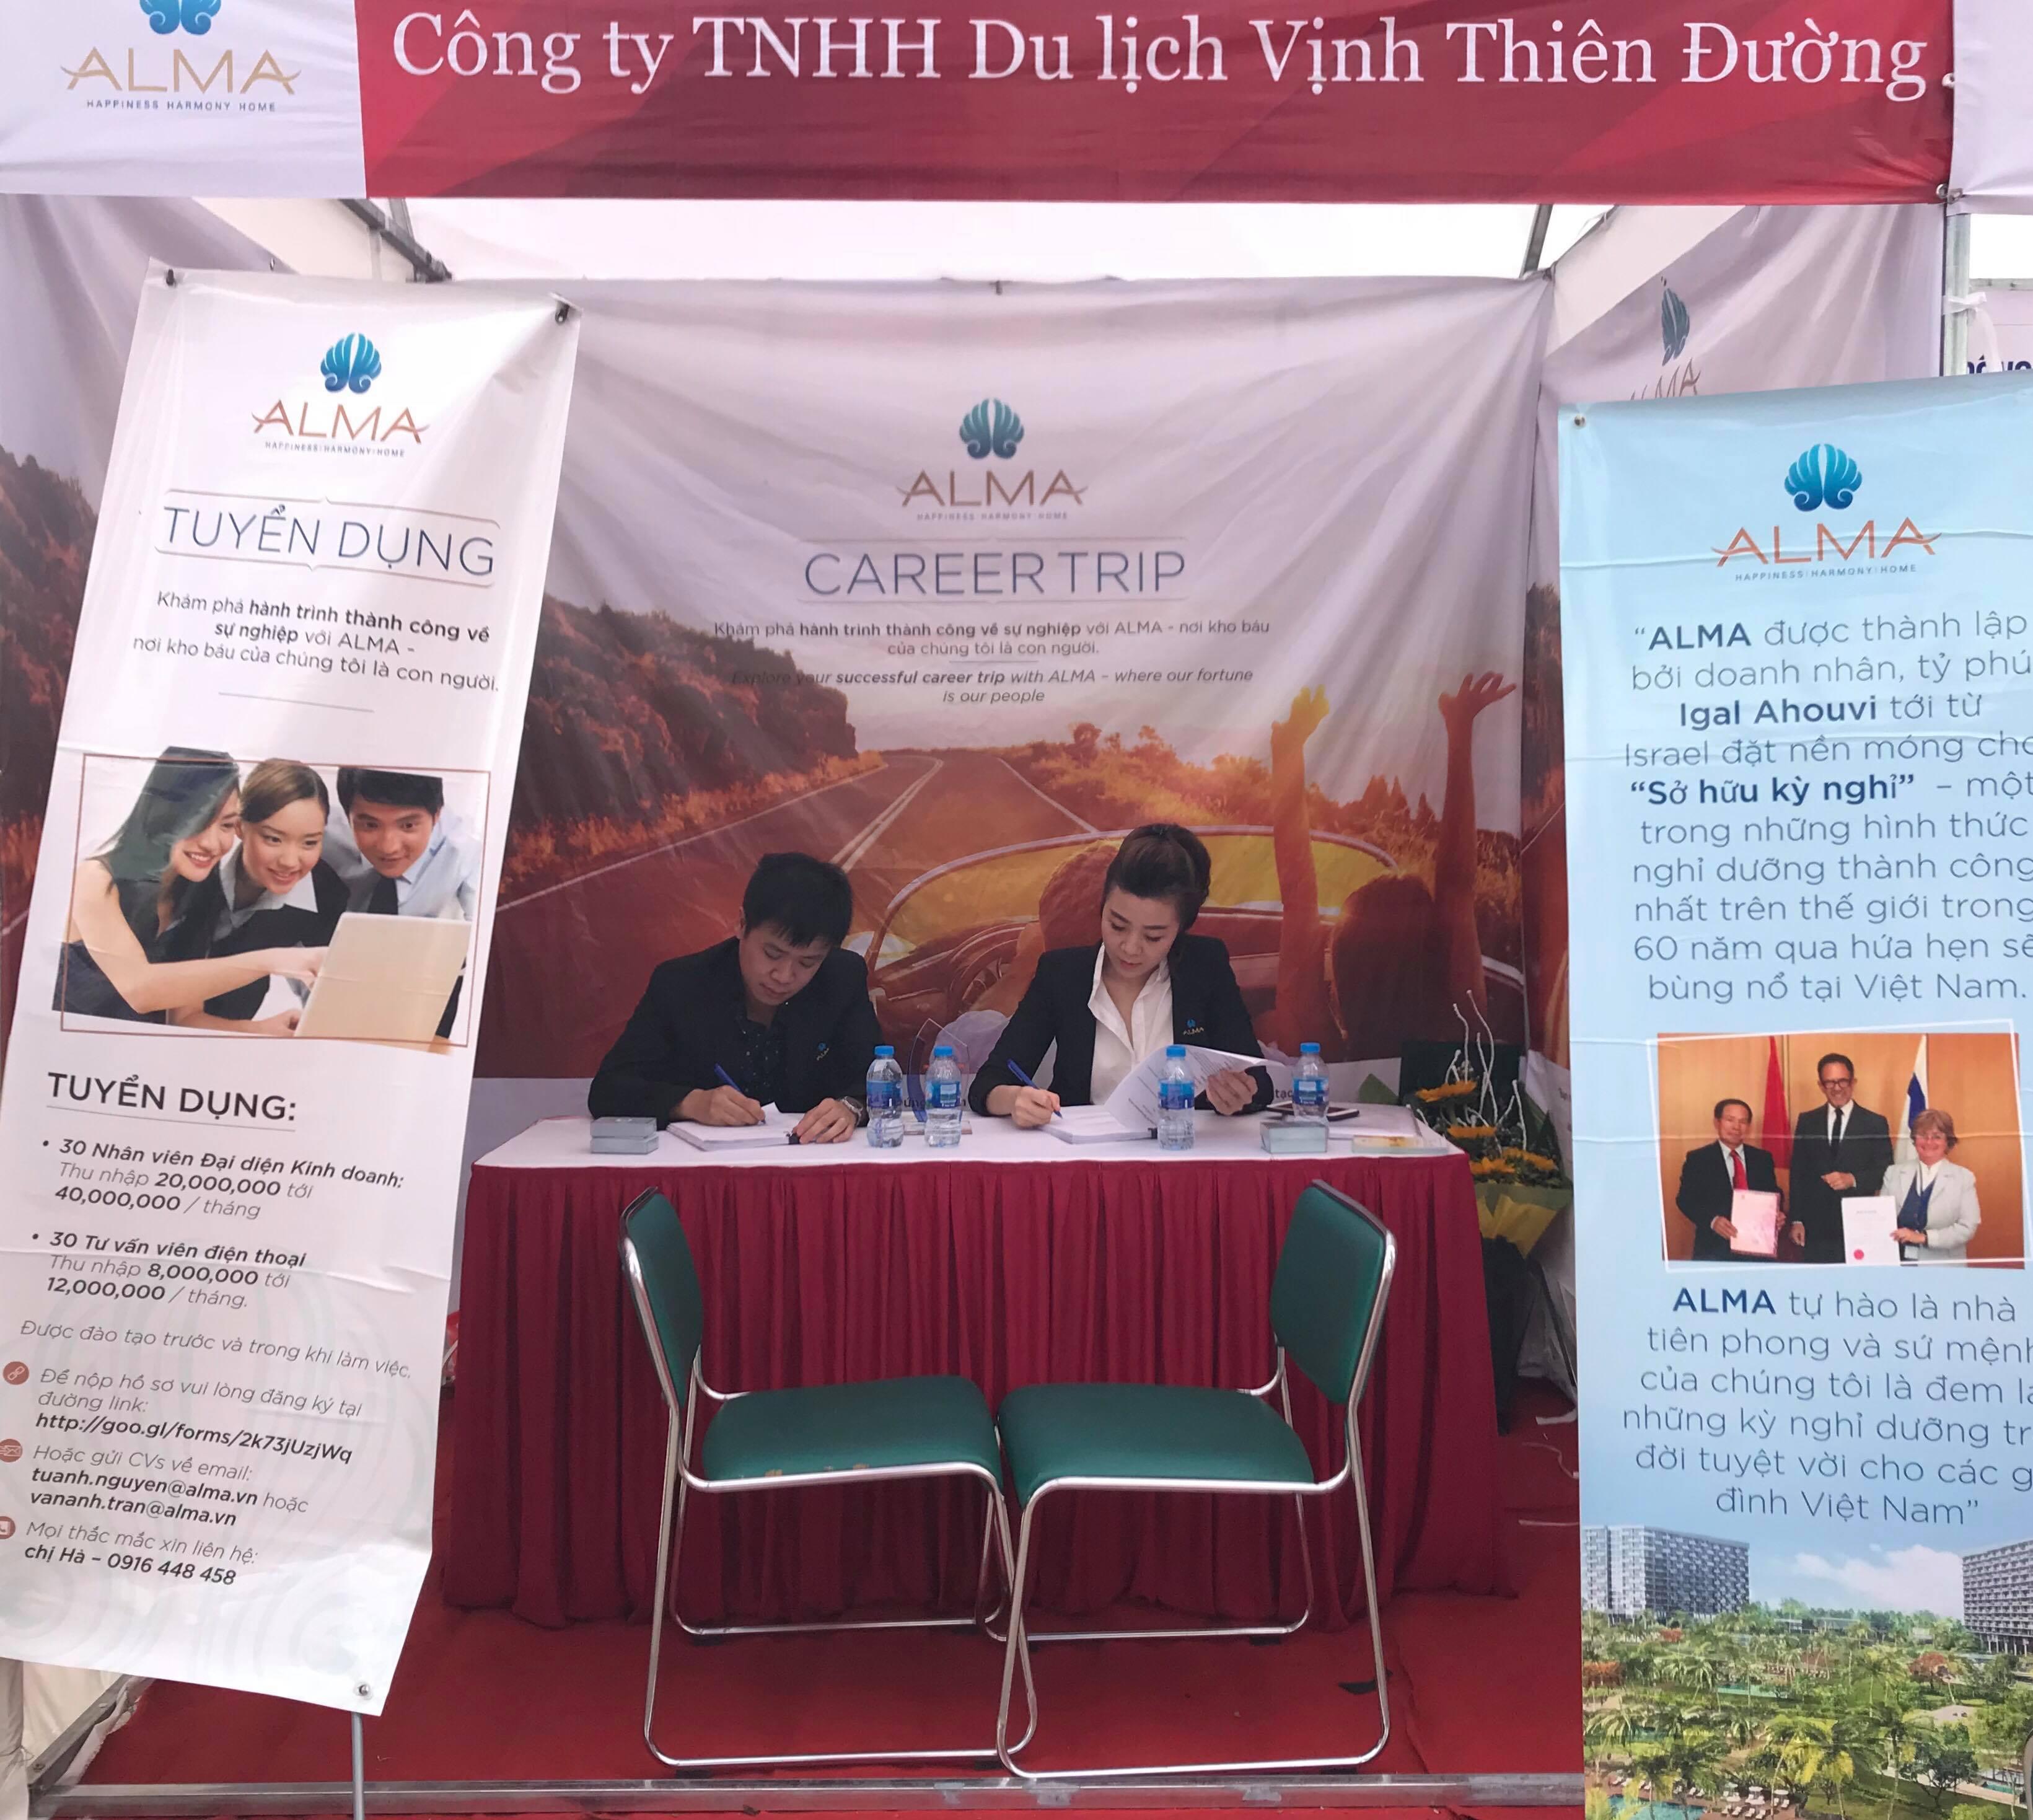 Công ty Alma đem lại cơ hội việc làm cho các bạn sinh viên của trường FPT Polytechnic